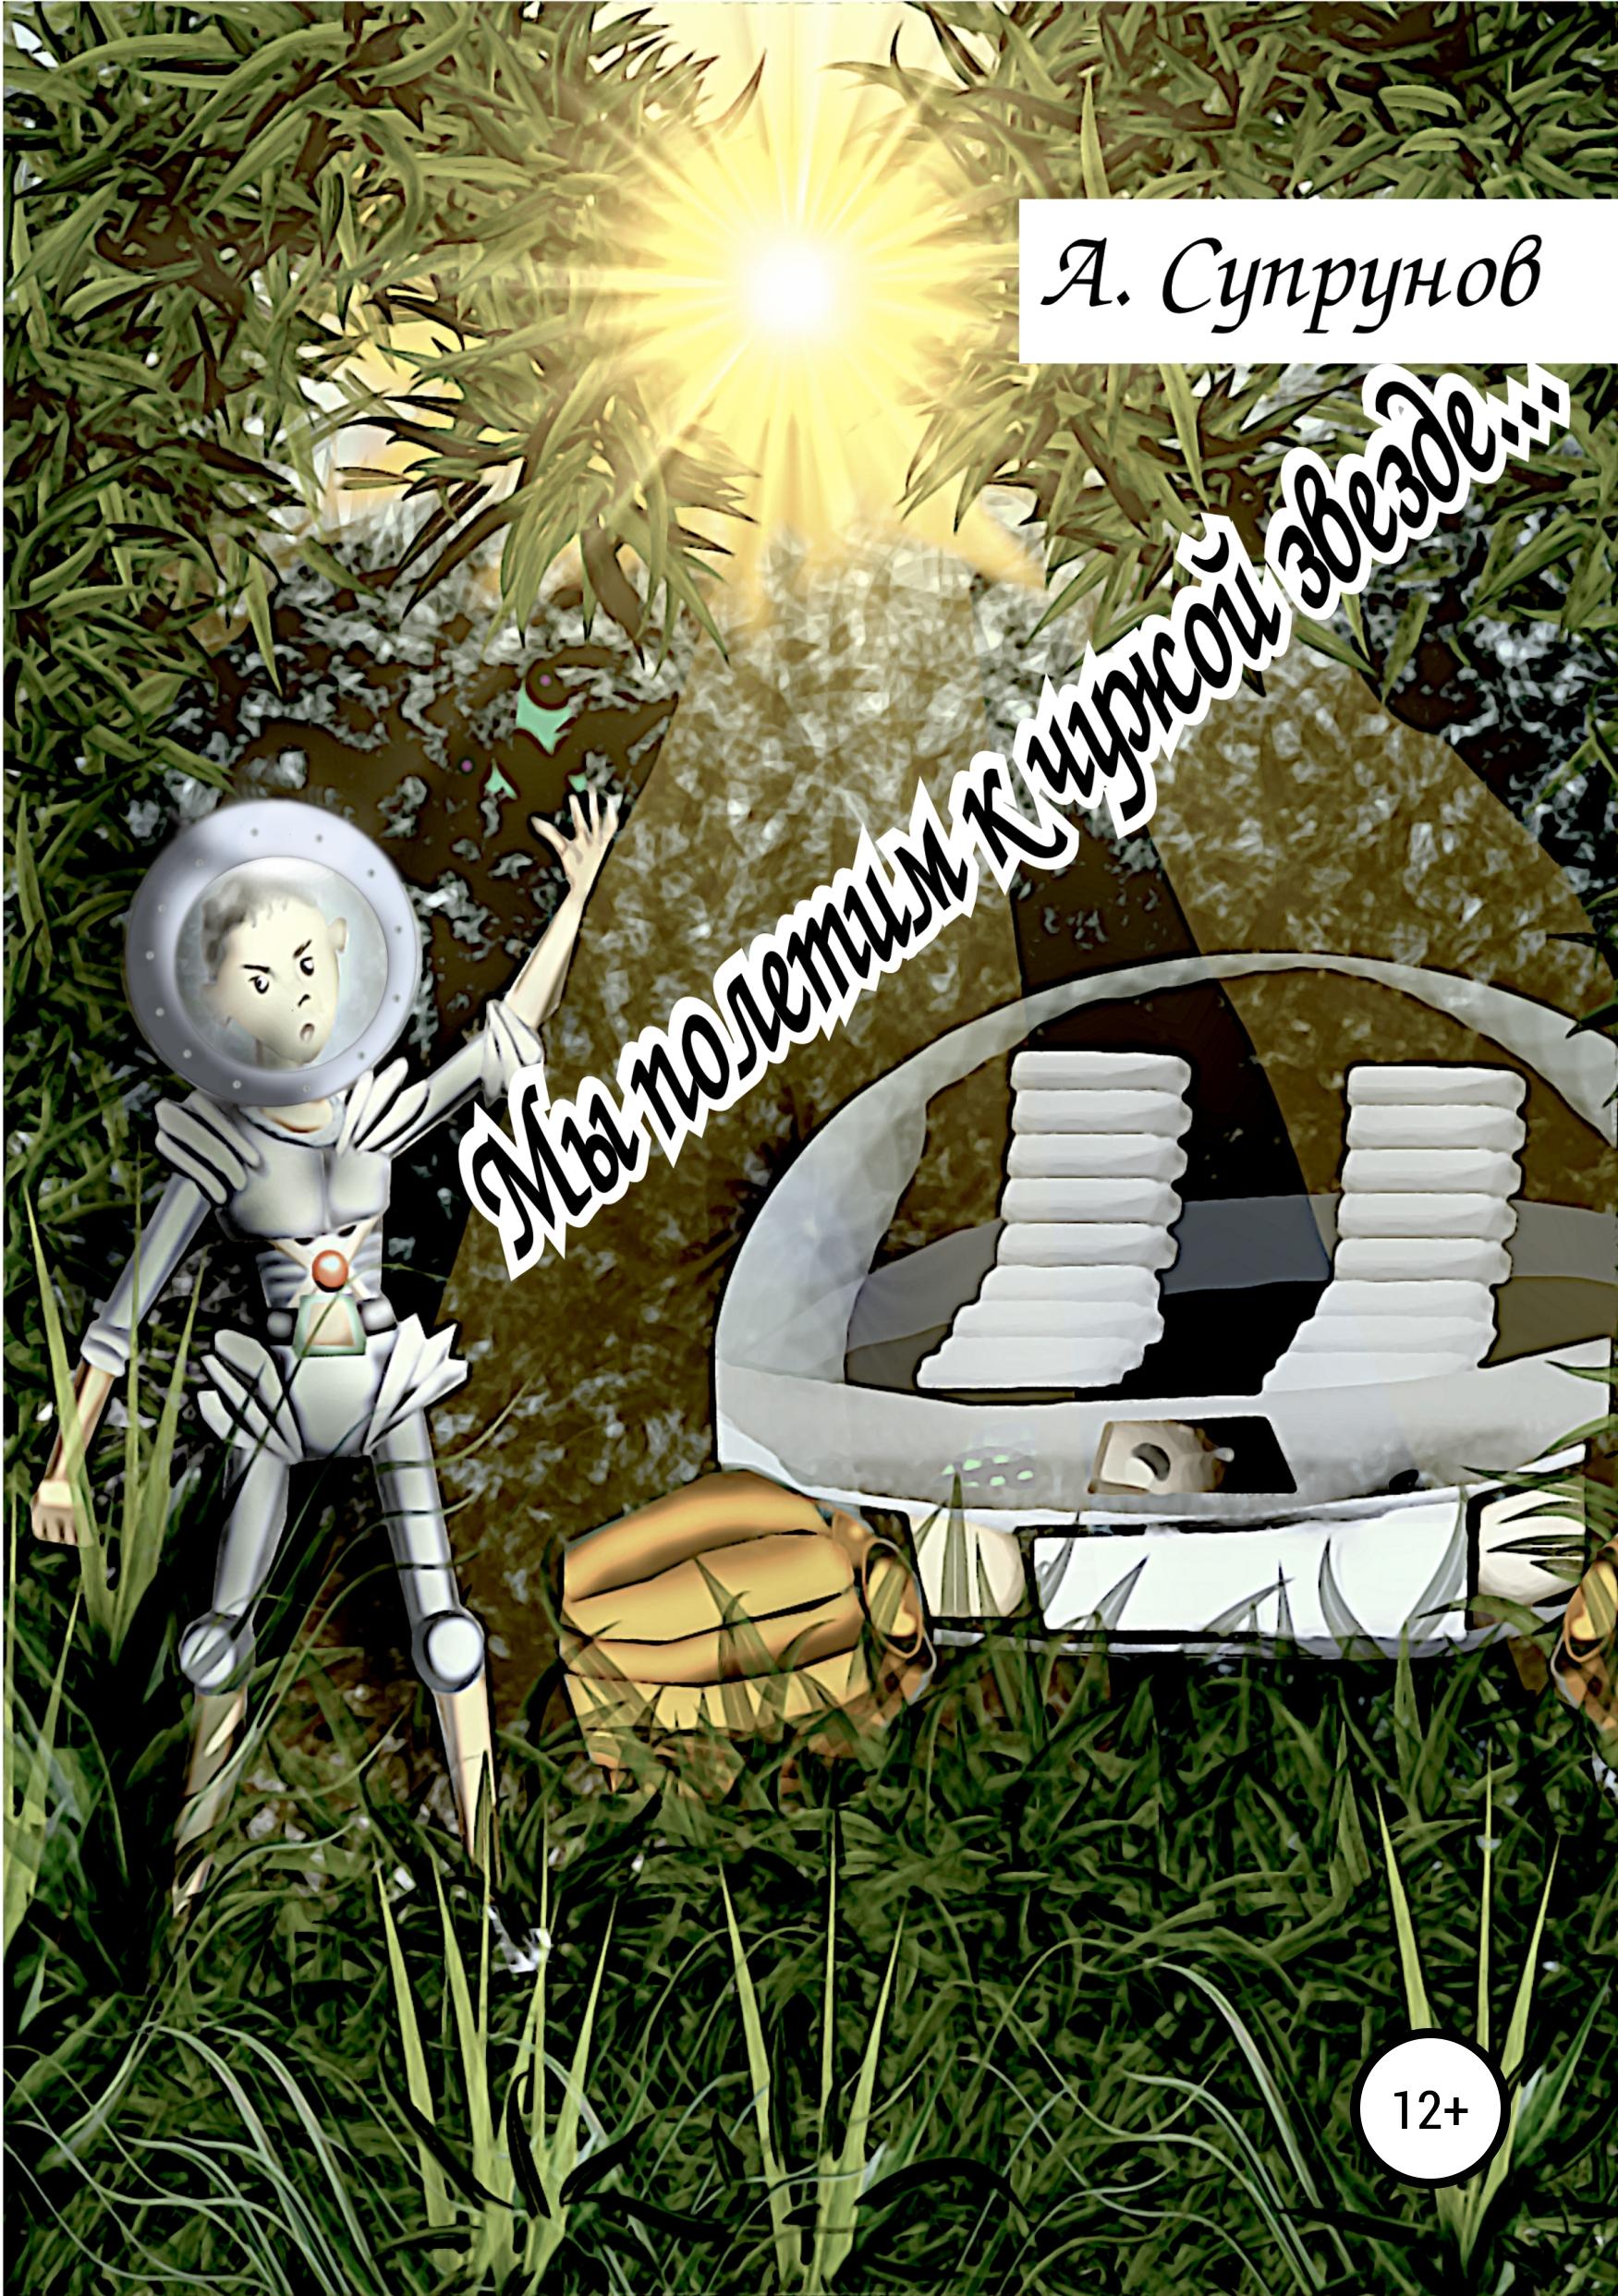 Александр Александрович Супрунов Мы полетим к чужой звезде… александр александрович супрунов мы полетим к чужой звезде…